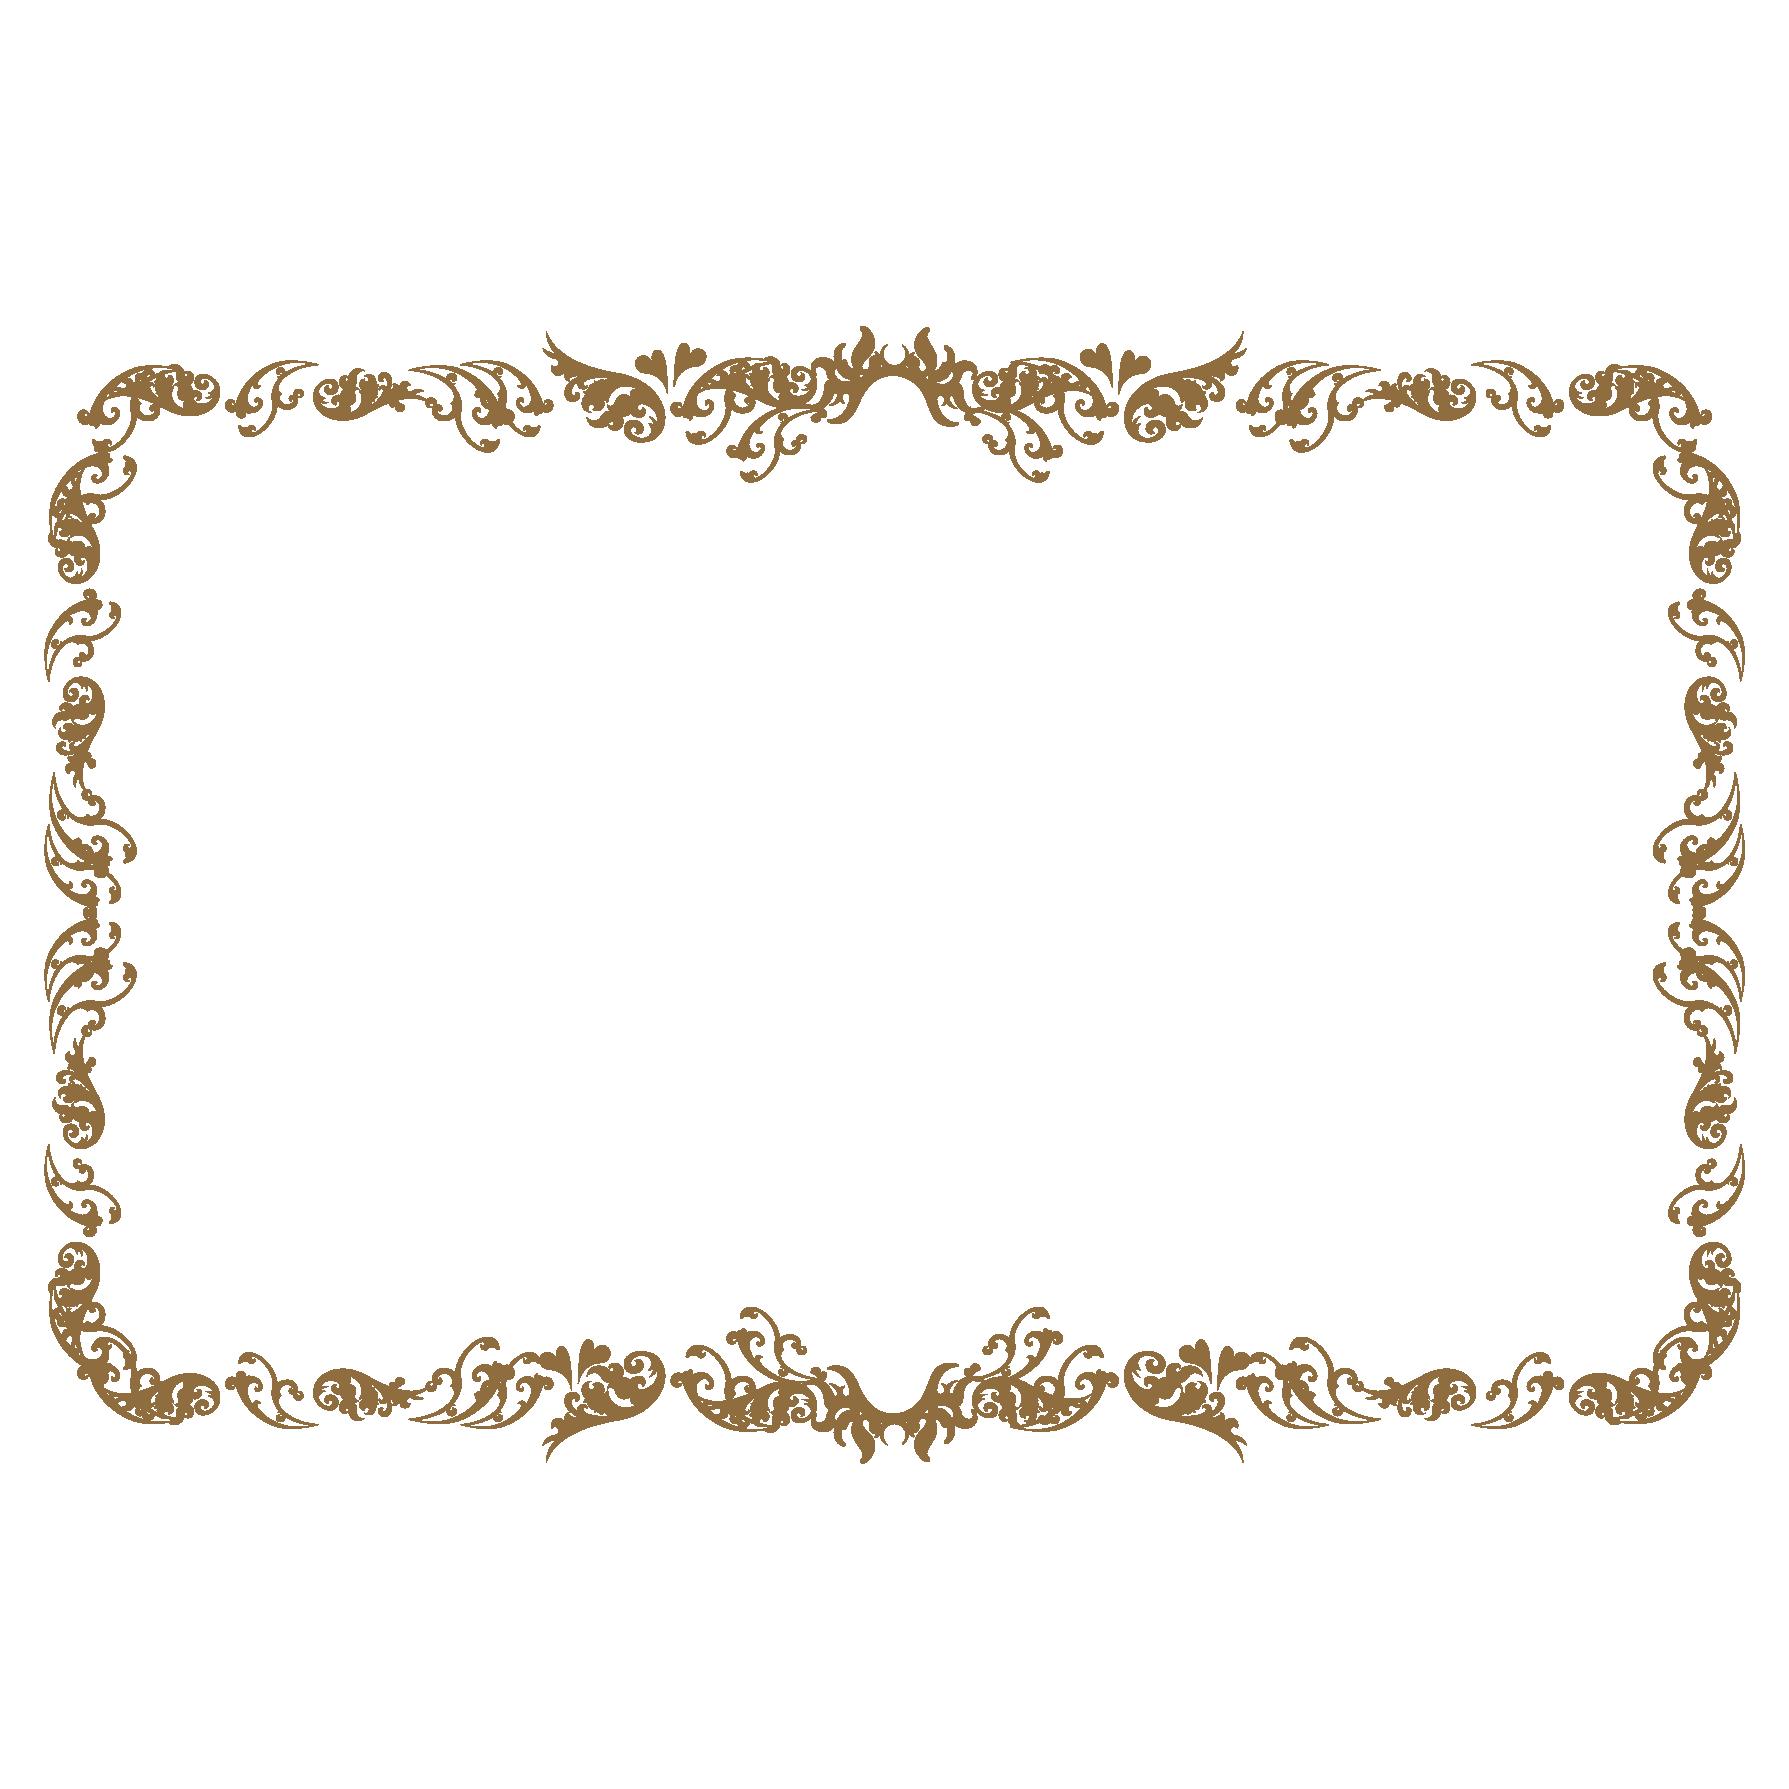 賞状(表彰状)の横フレームのテンプレートイラスト | 商用フリー(無料